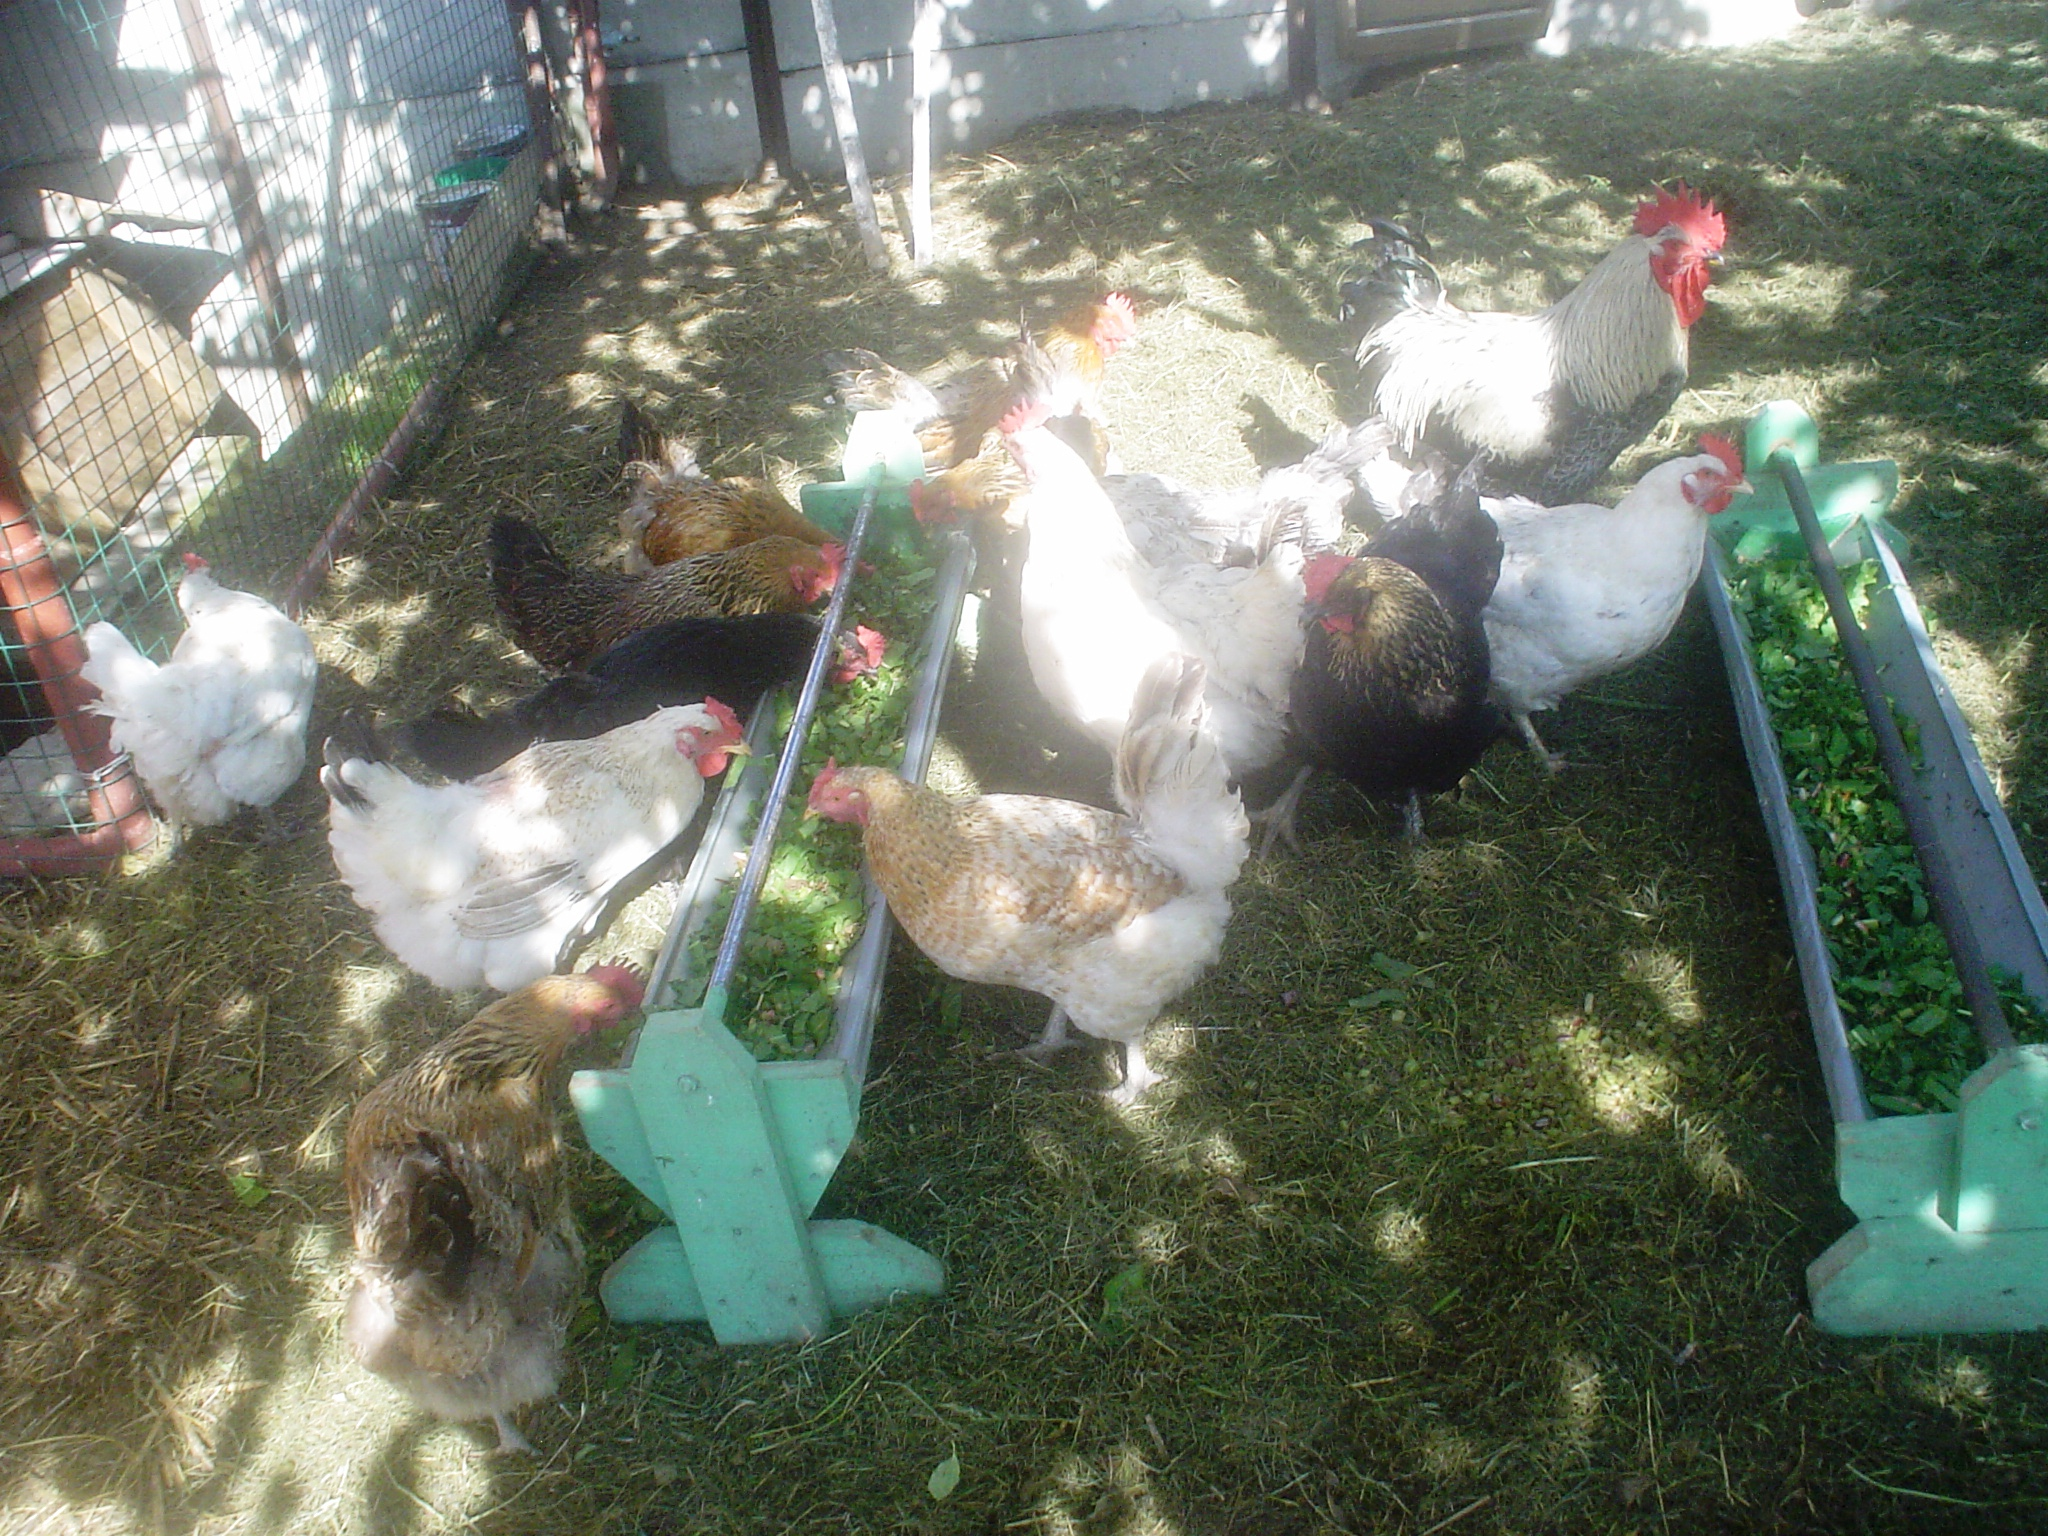 кормление - Кормление и уход за цыплятами и птицей в домашних условиях 0684674001464864536